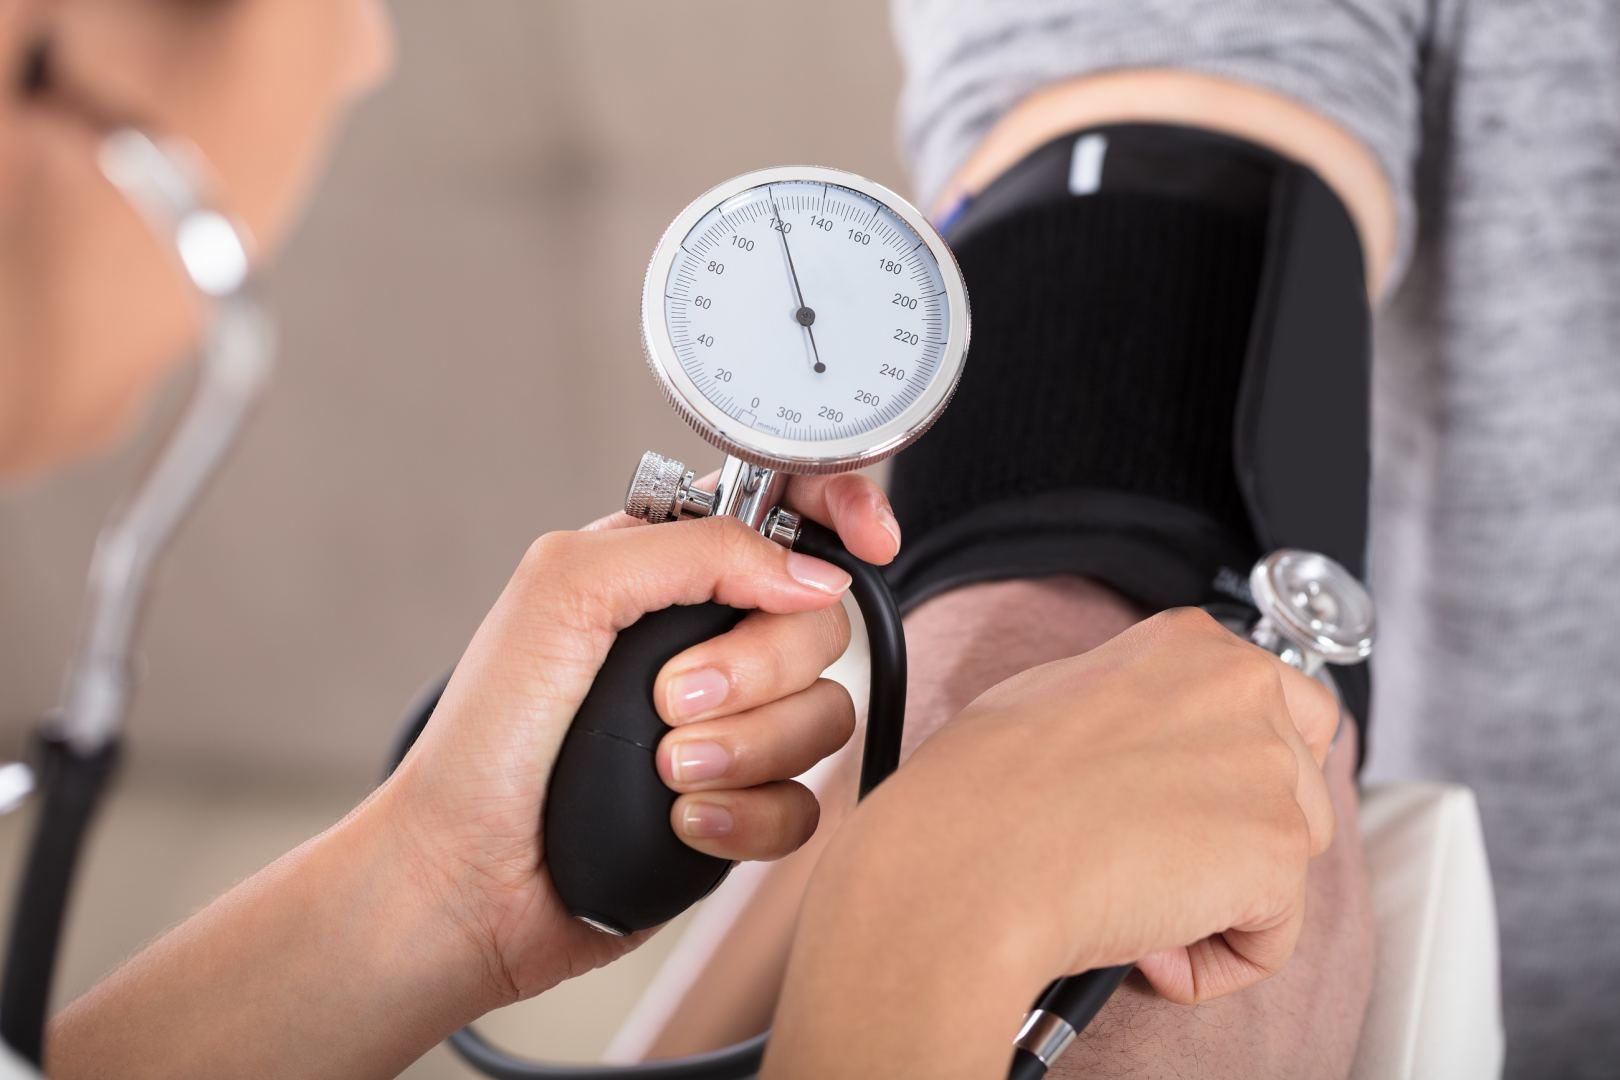 tyrimas hipertenzijai nustatyti hipertenzijos diagnozė jauniems žmonėms